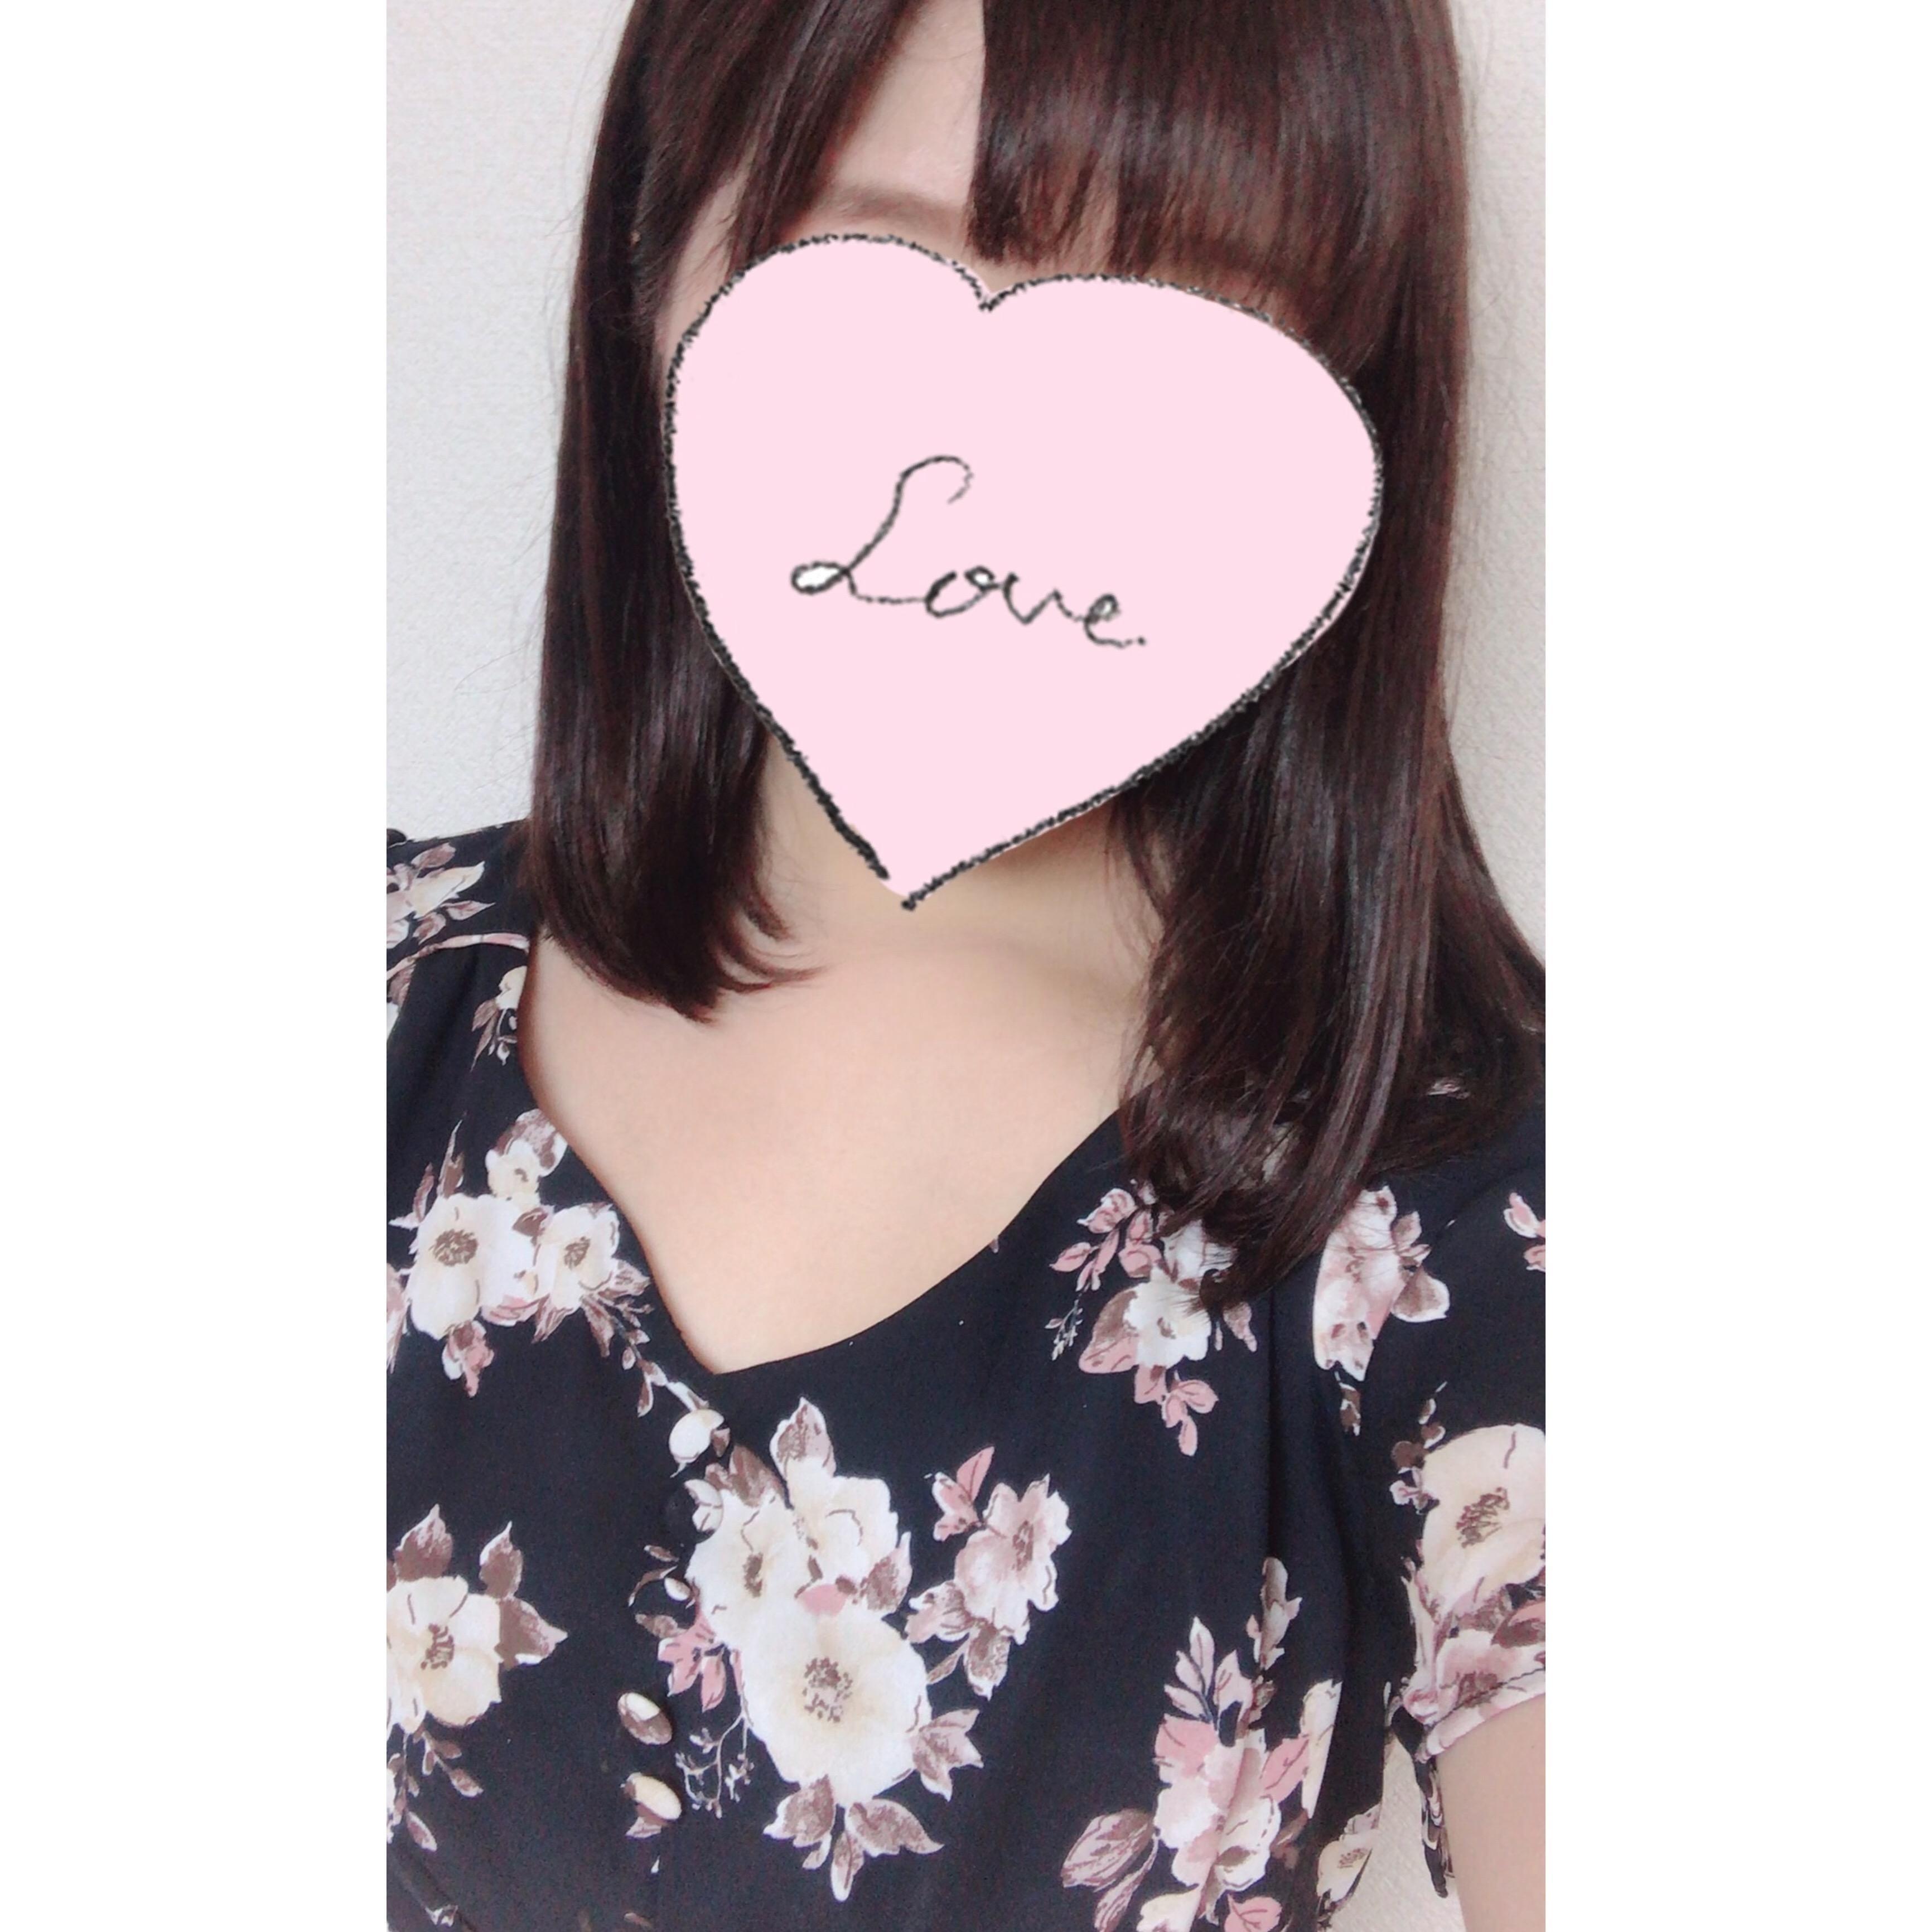 「* お礼、12:00〜出勤 *」09/09(09/09) 11:10 | ゆいかの写メ・風俗動画